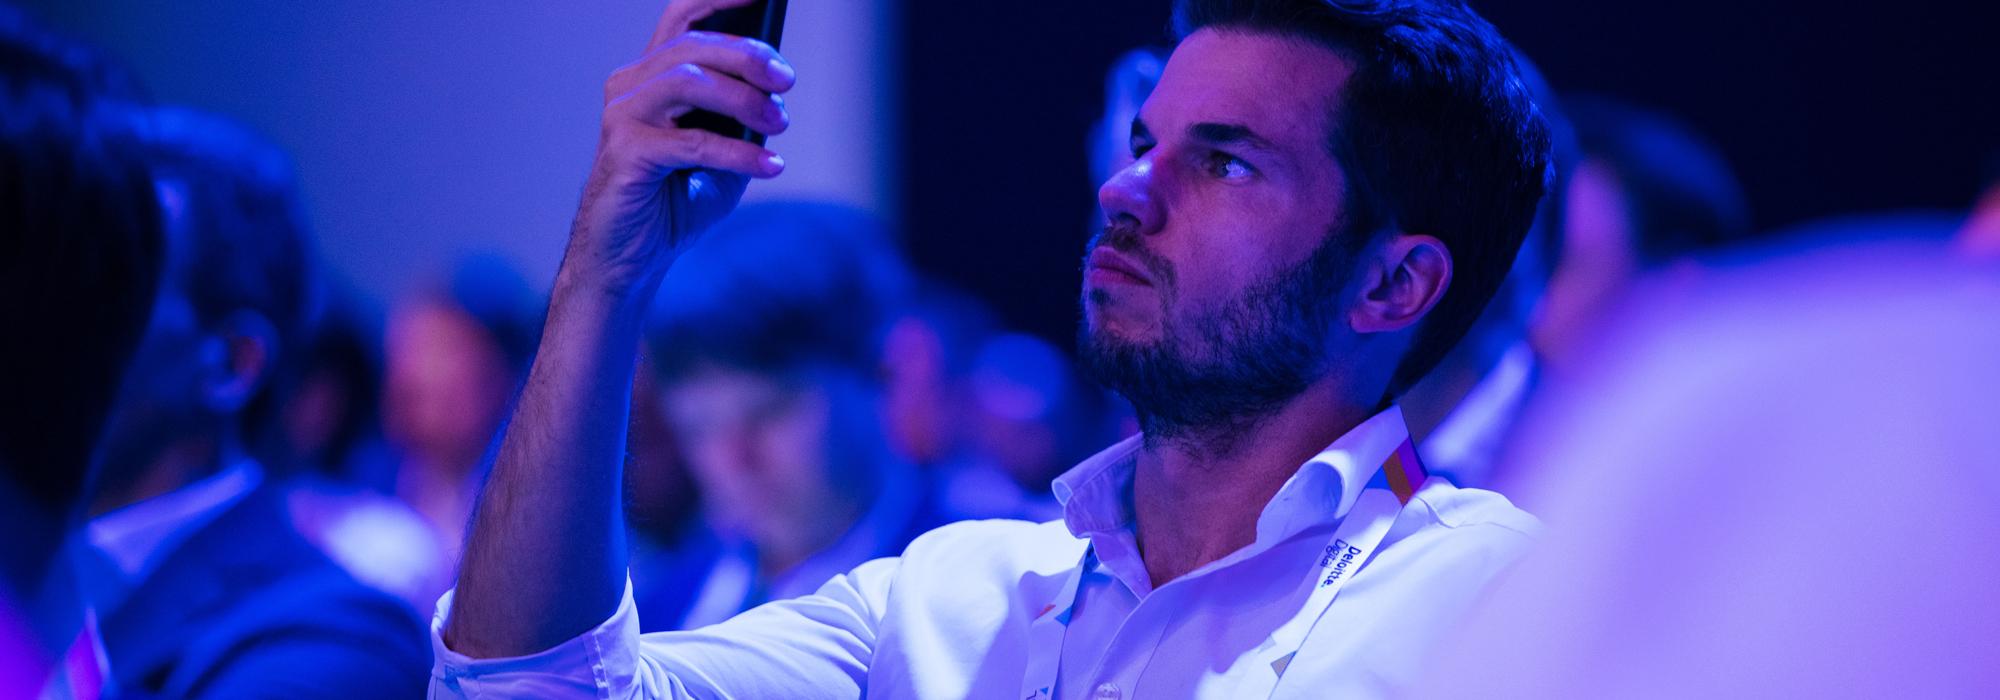 Helge Ruff mit Handy auf der Konferenz